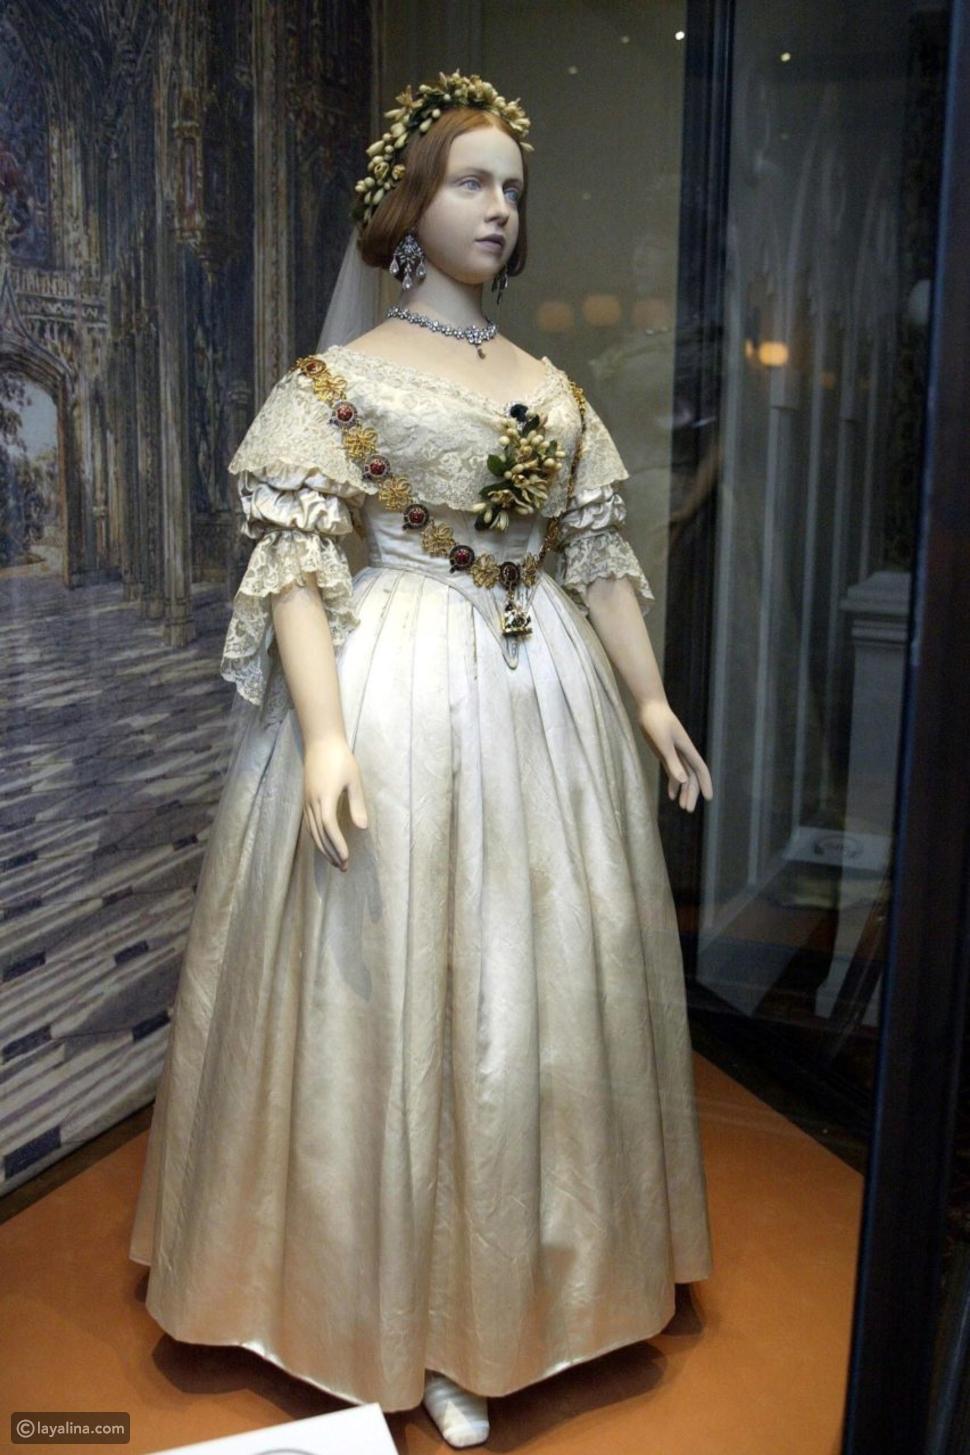 فستان الزفاف الأبيض للملكة فيكتوريا ملكة إنجلترا